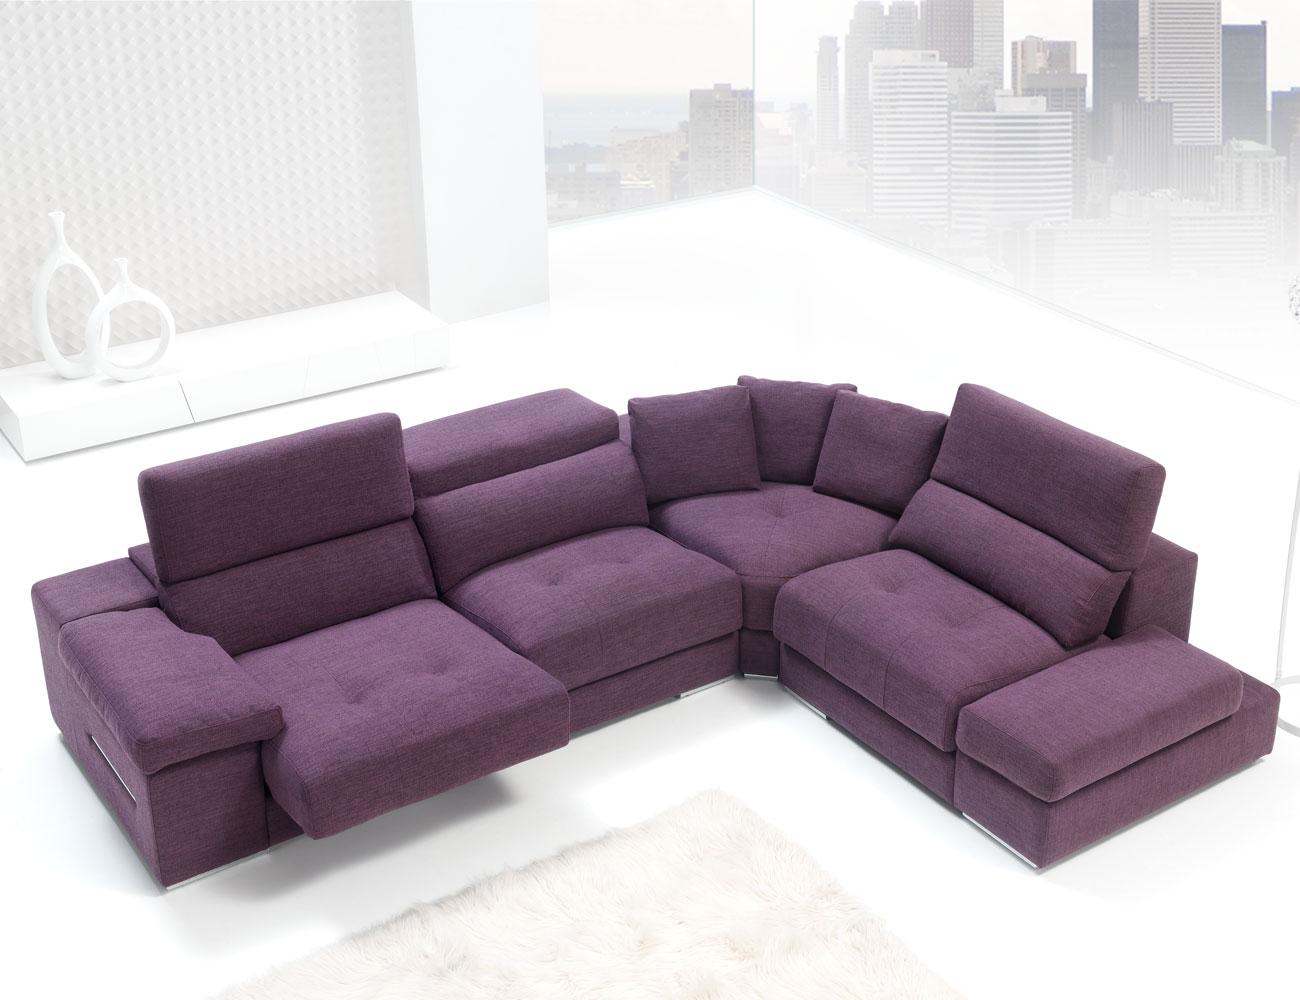 Sofa chaiselongue rincon con brazo mecanico tejido anti manchas 247